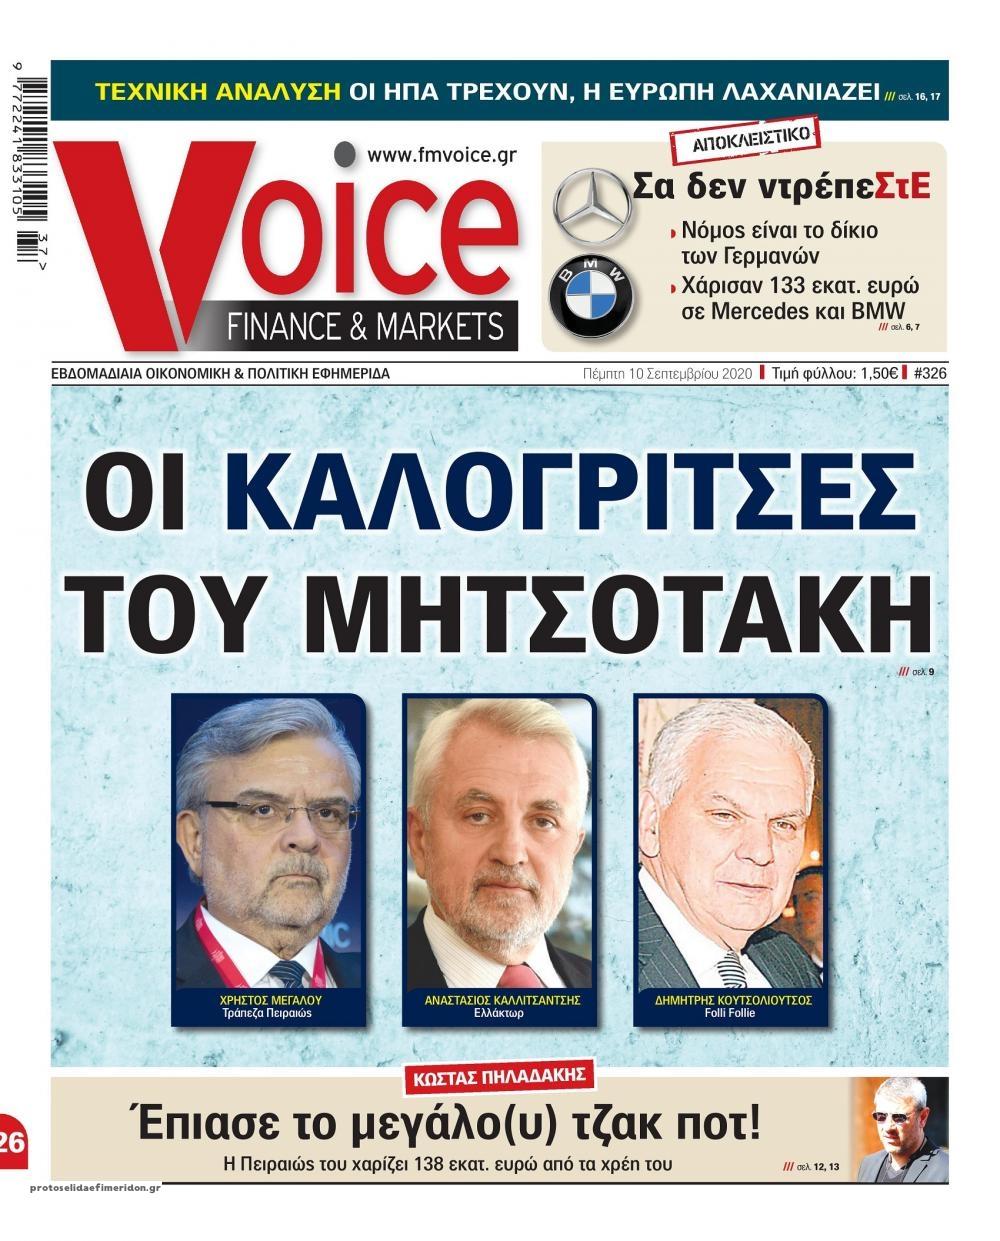 Πρωτοσέλιδο εφημερίδας Finance & Markets Voice